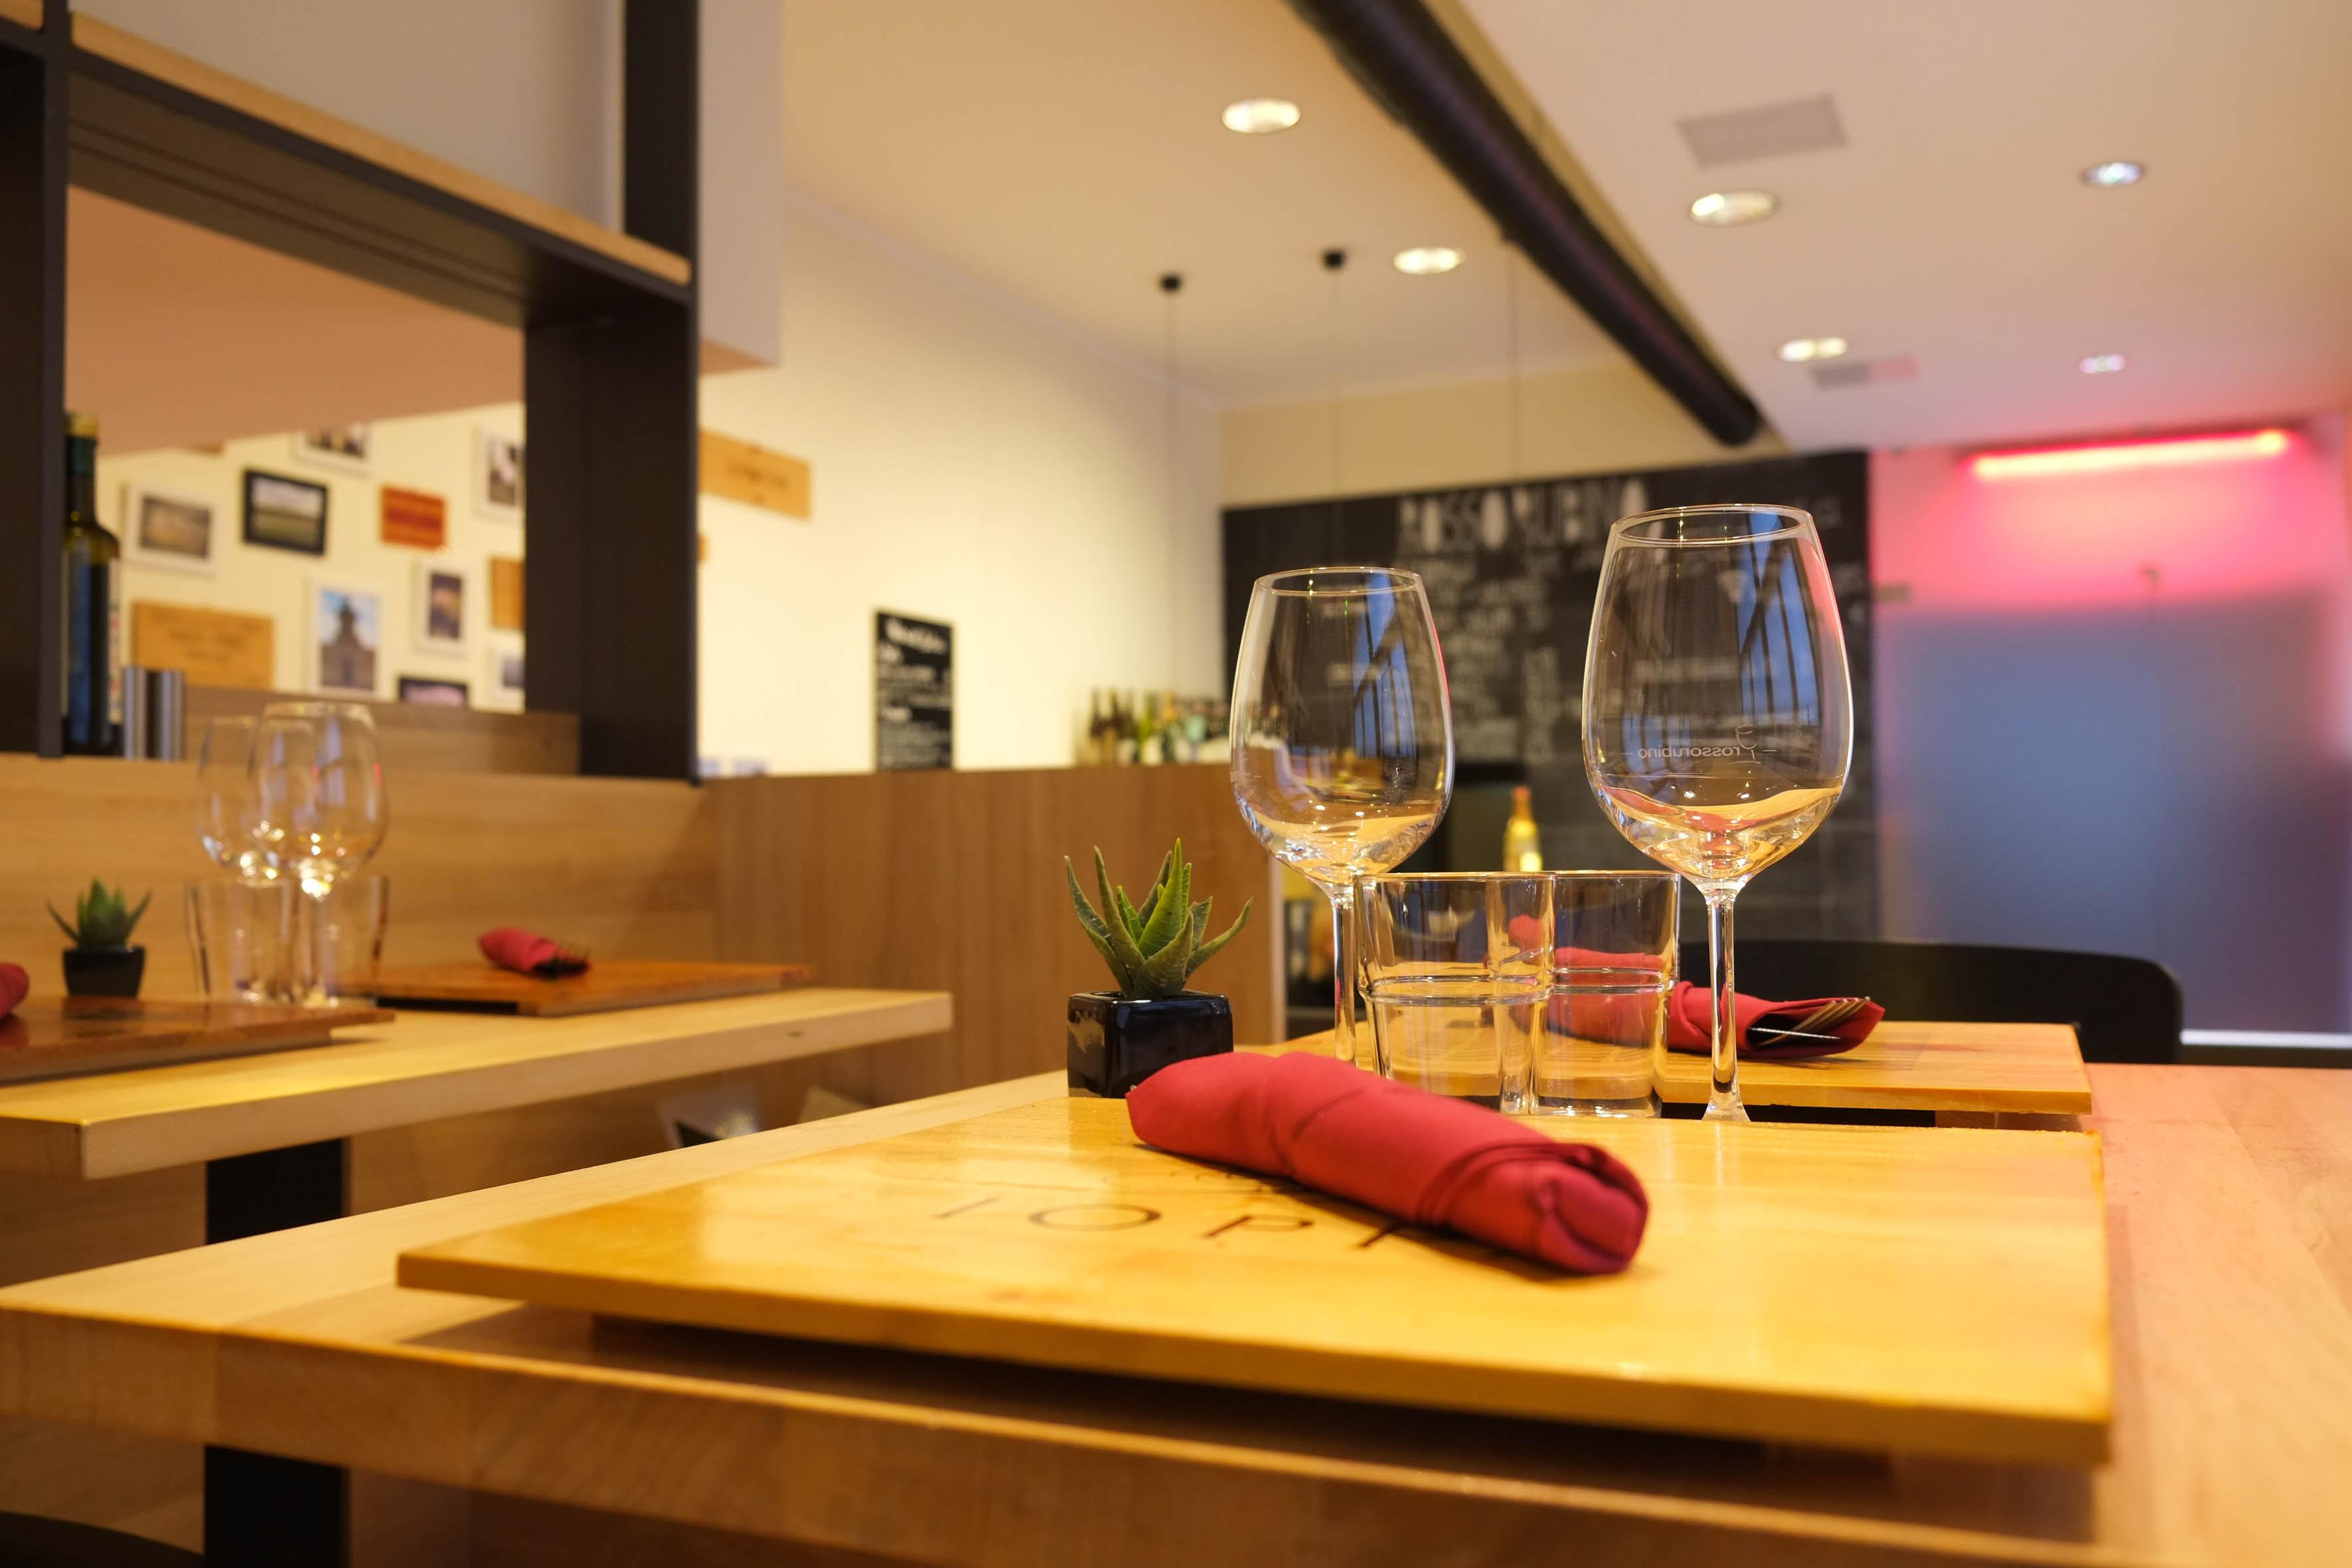 Torino, Rossorubino, winesharing